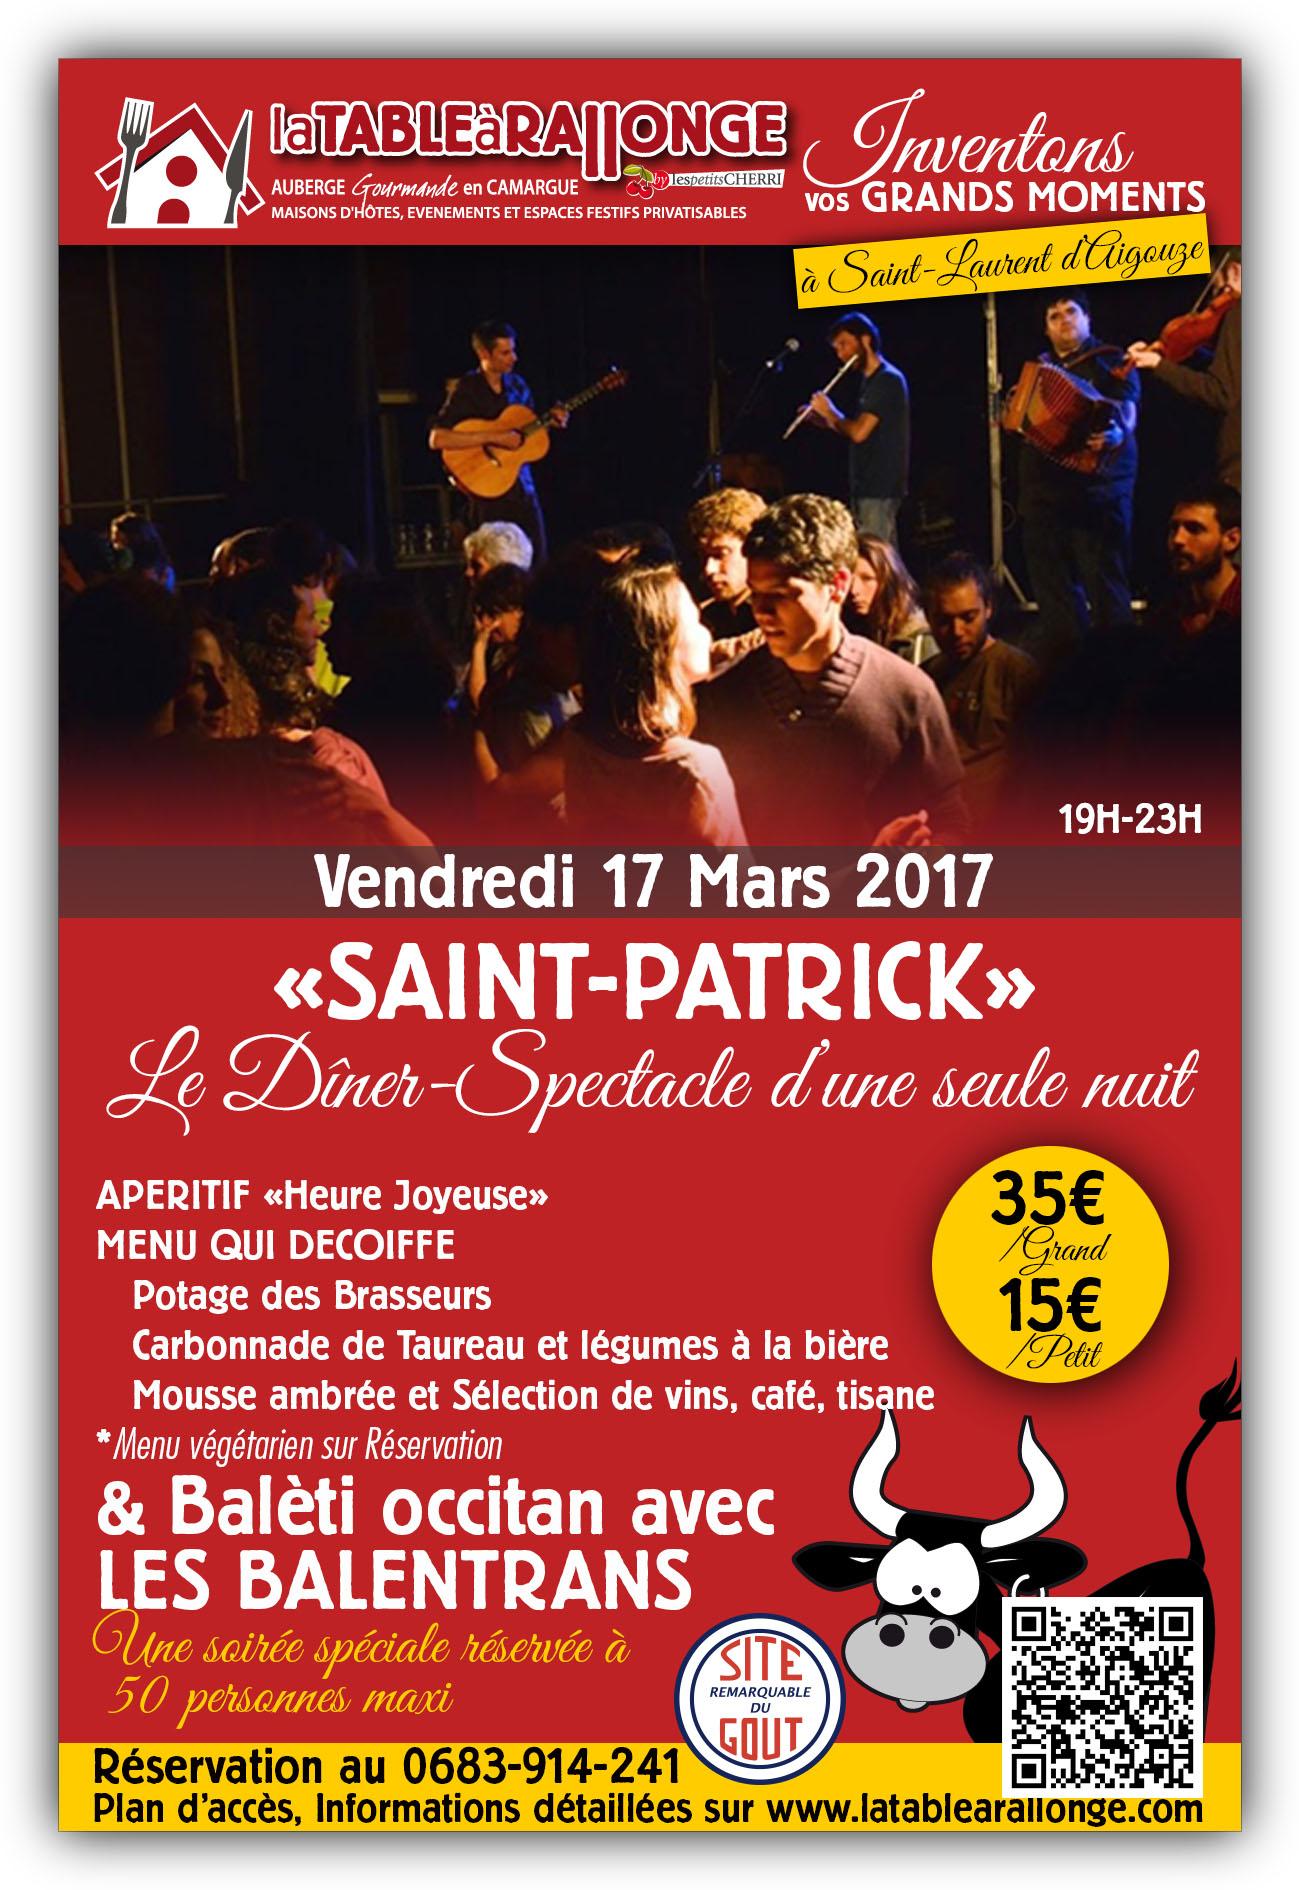 Saint-Patrick ern Camargue Balèti Occitan avec les BALENTRANS